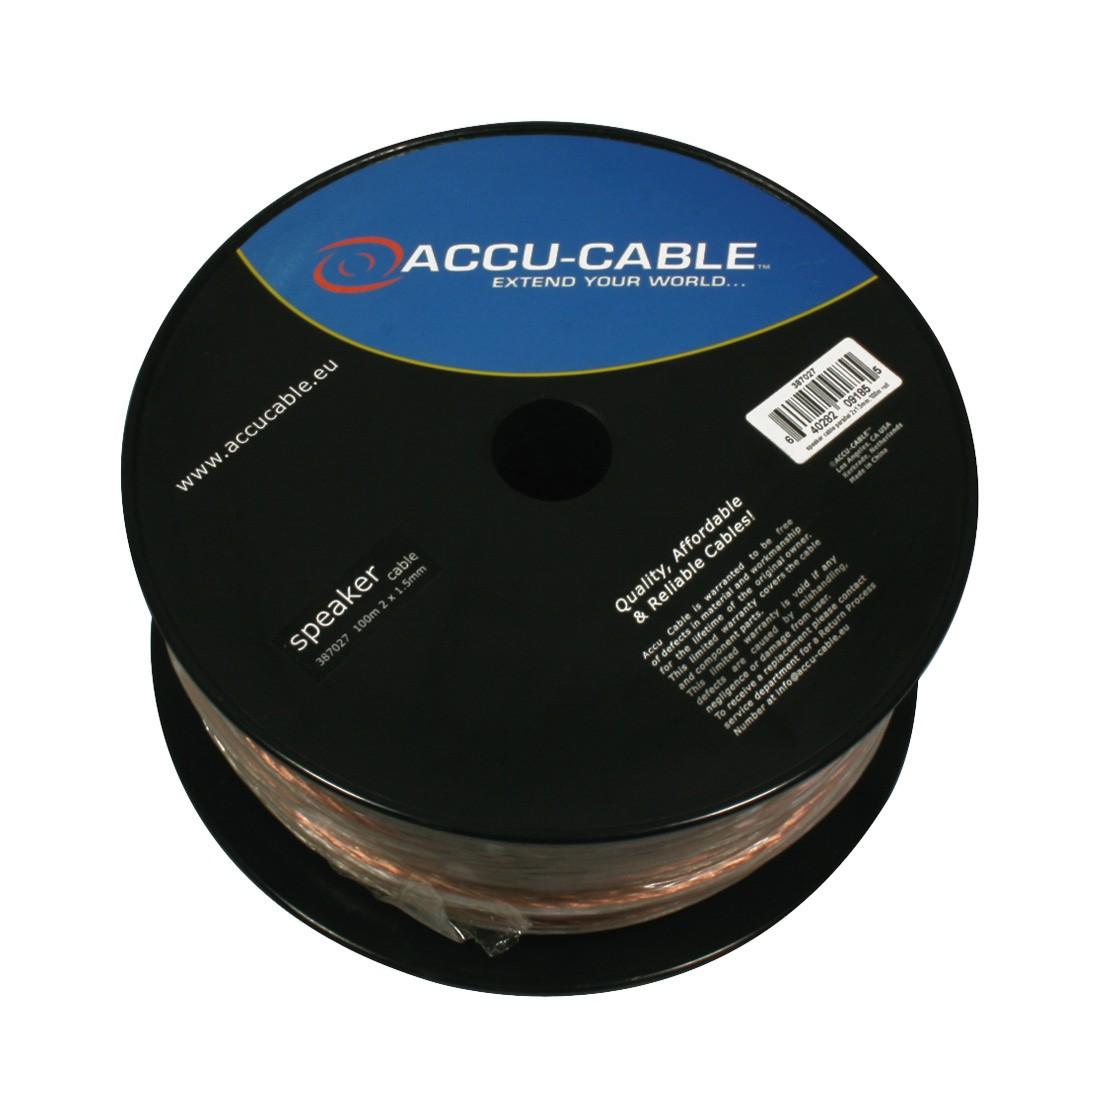 Accu-Cable 100 meter Højtaler kabel 2x1,5mm²/flat Transparent